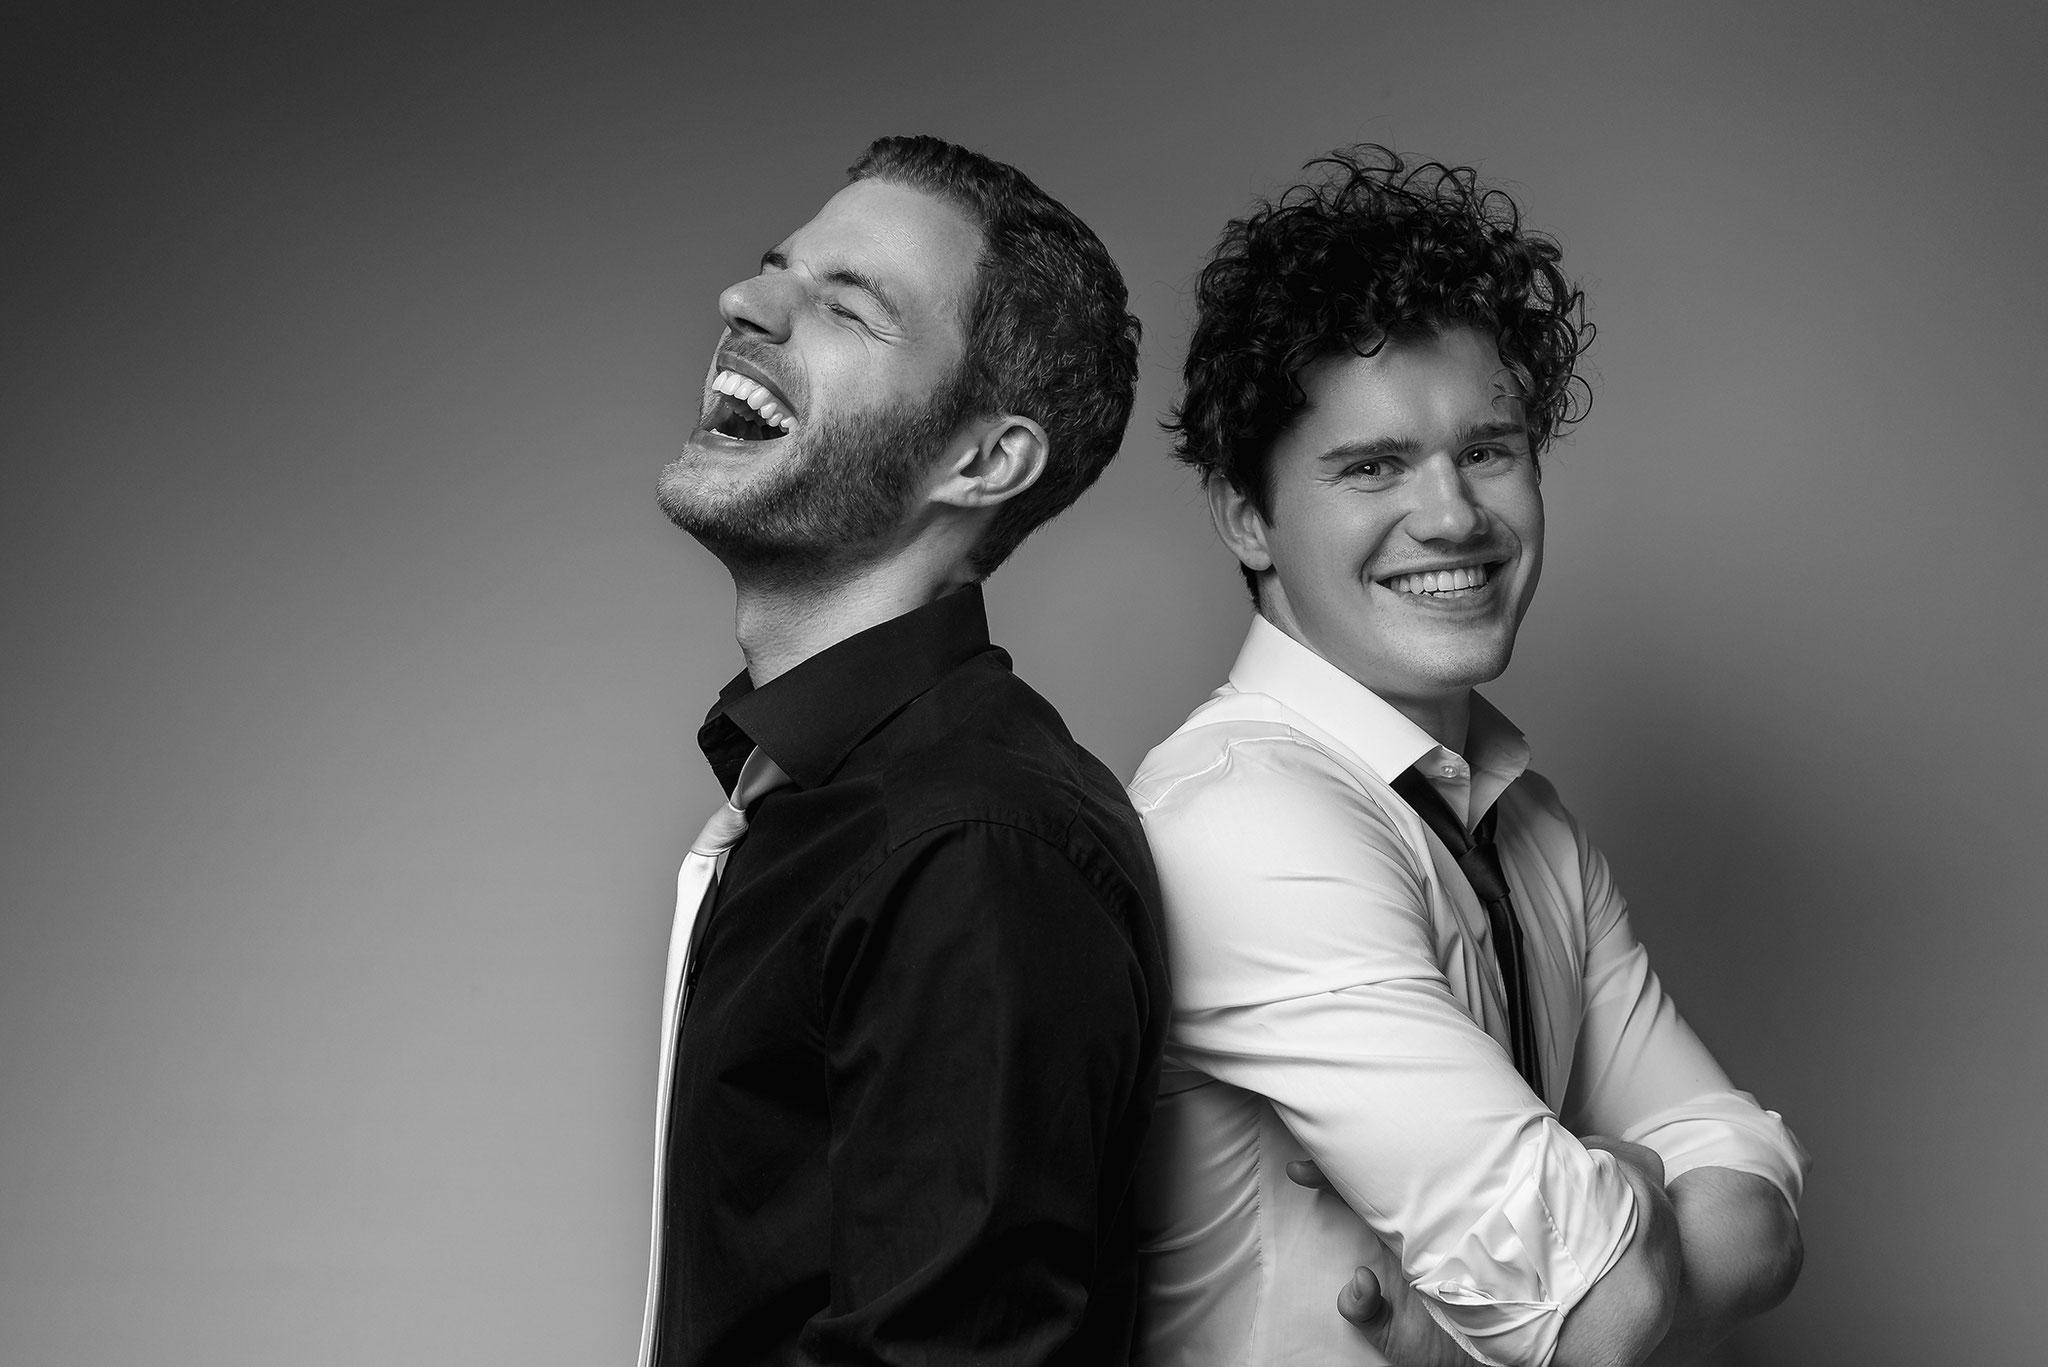 Sedcard Studio Modelagentur Men  - München - © Andreas Reiter - Fotografie & Retusche - Dein Fotograf aus Freising